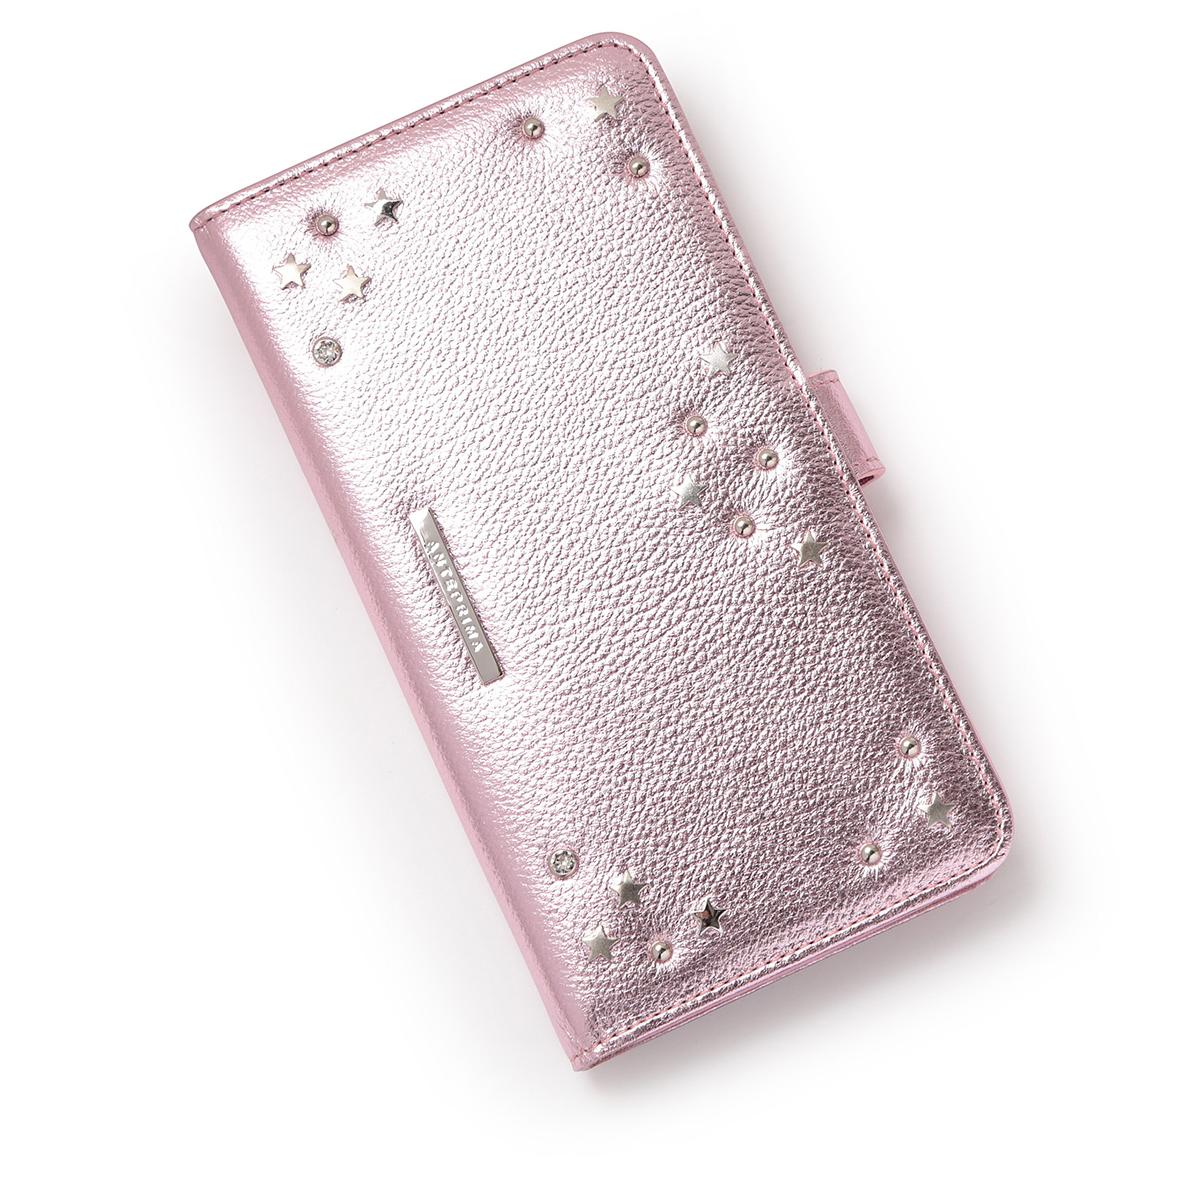 【期間限定ポイントアップ 3/11AM10時まで】【ANTEPRIMA公式】アンテプリマ/マルテ/iPhone 6Plus・7Plus対応ケース/ピンク/ANTEPRIMA/EANP10646/IPHONE 6PLUS & 7PLUS CASE